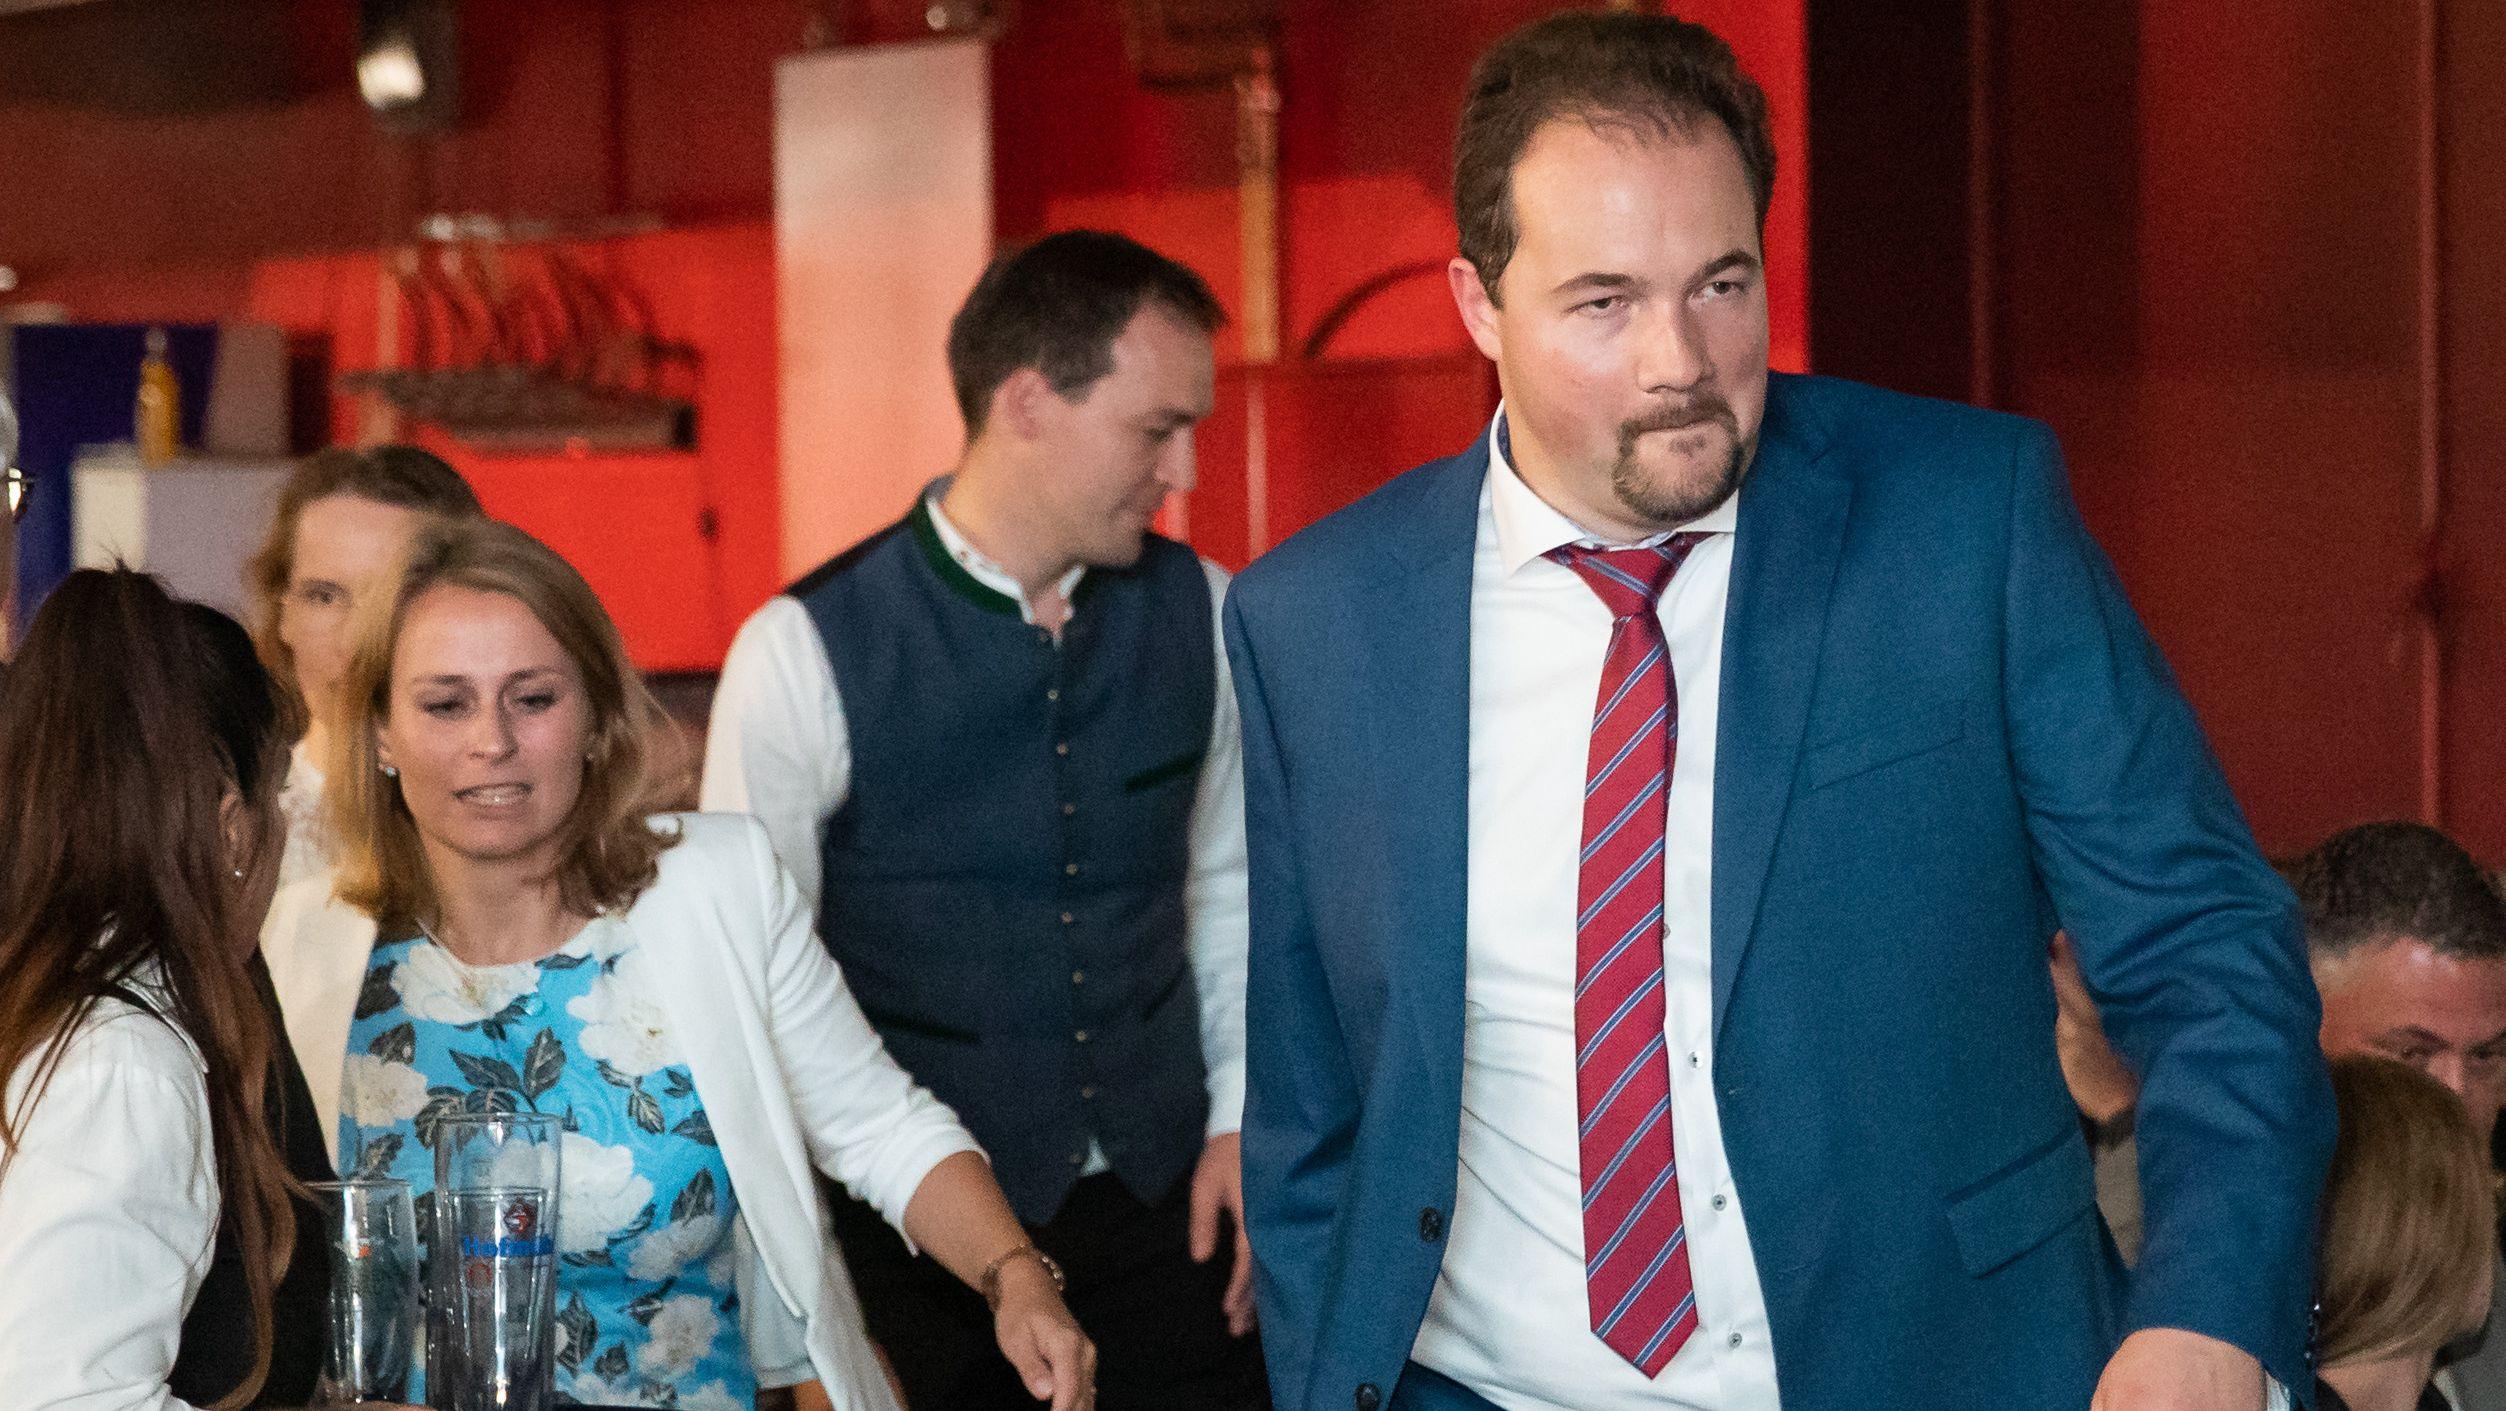 Turbulenter AfD-Parteitag: Sichert muss Miazga weichen.